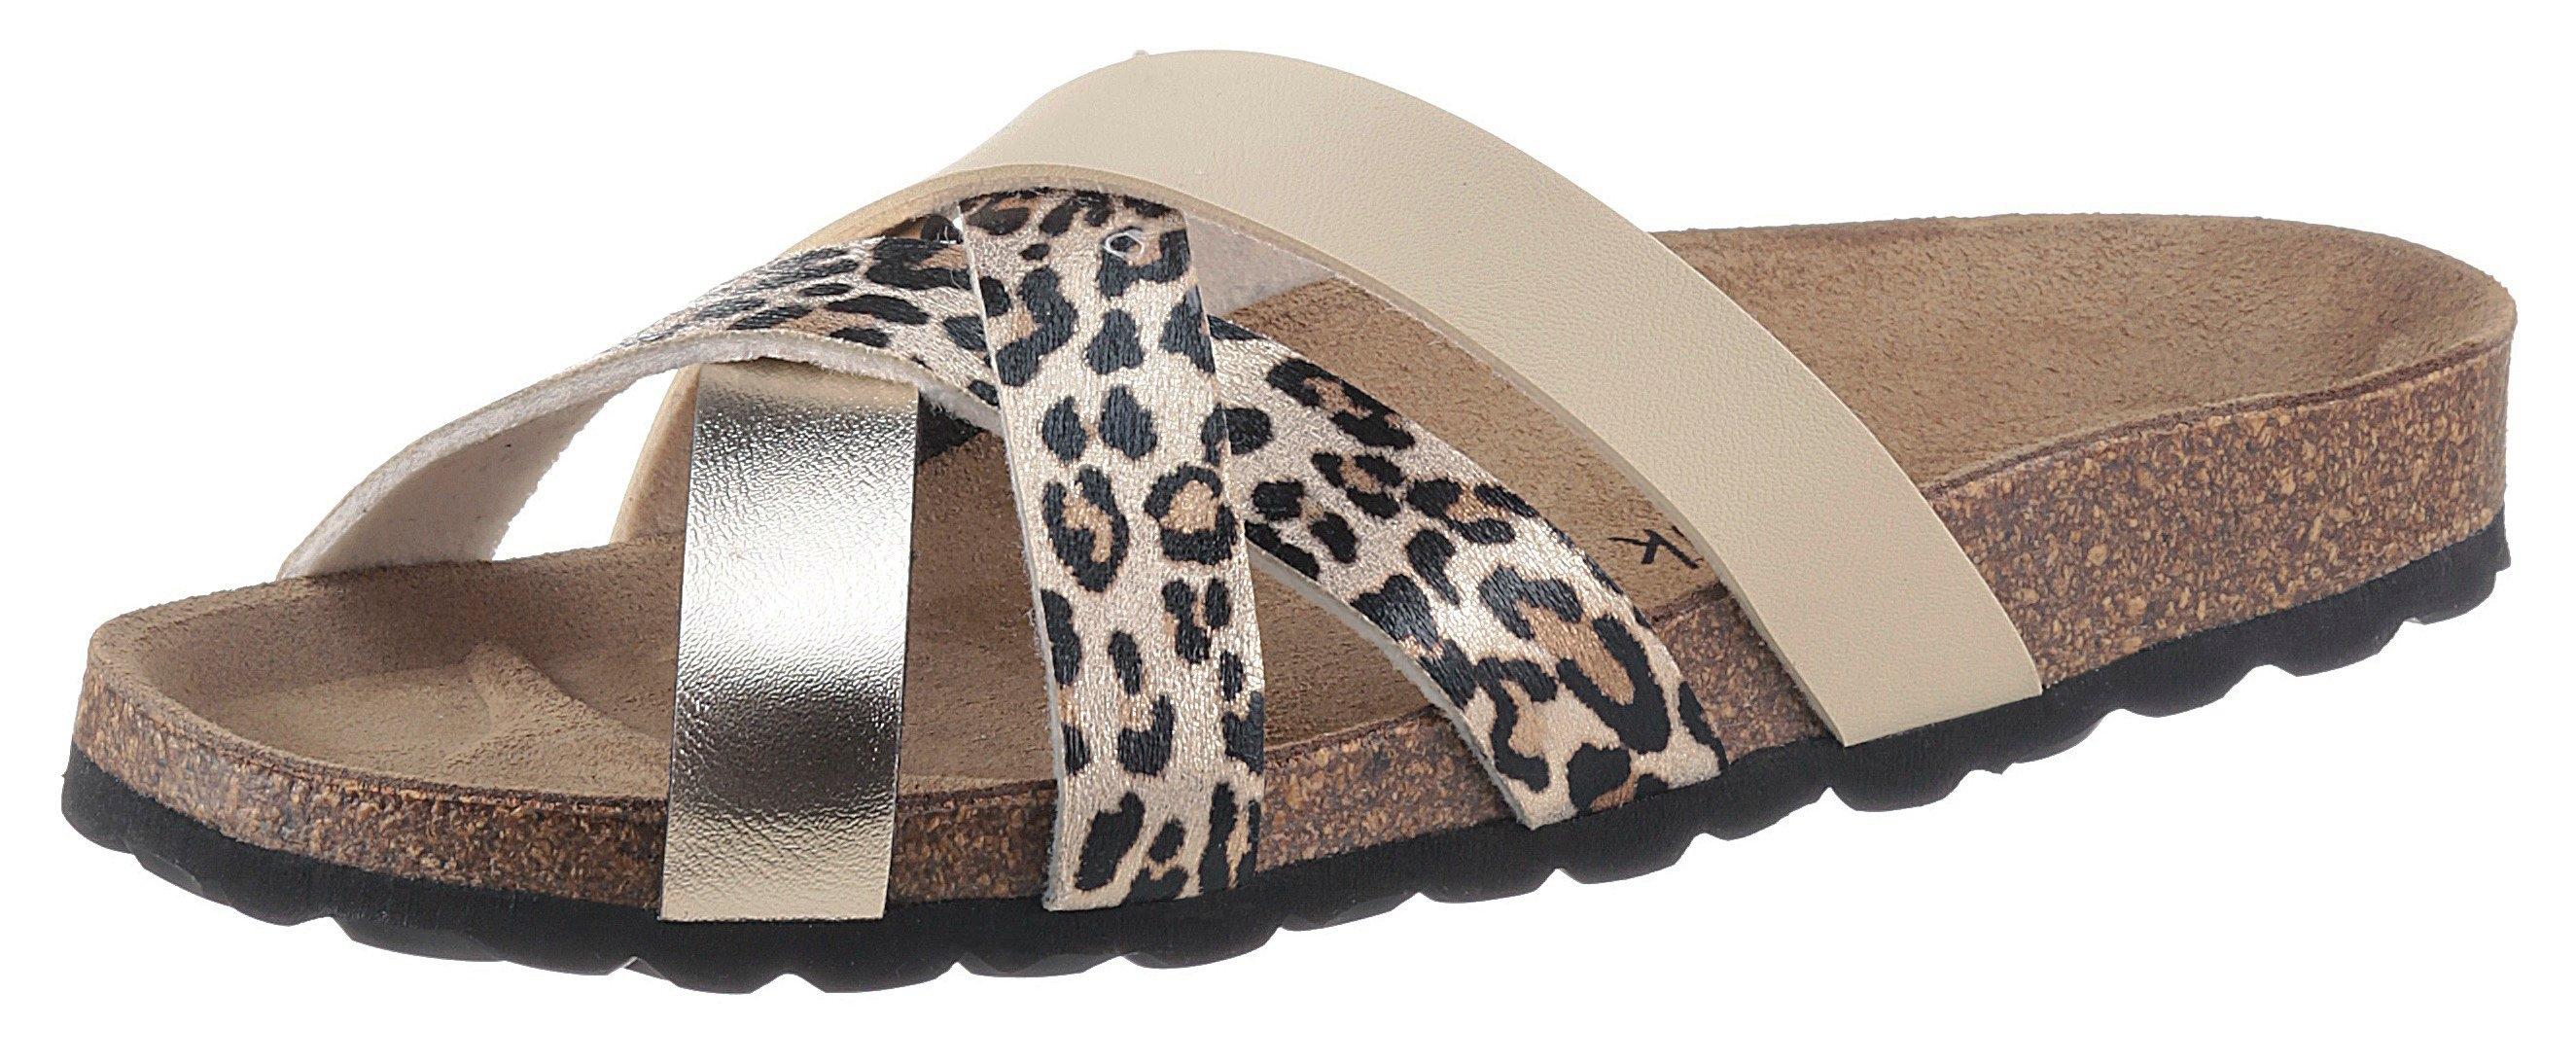 Op zoek naar een CITY WALK slippers in luipaard-look? Koop online bij OTTO